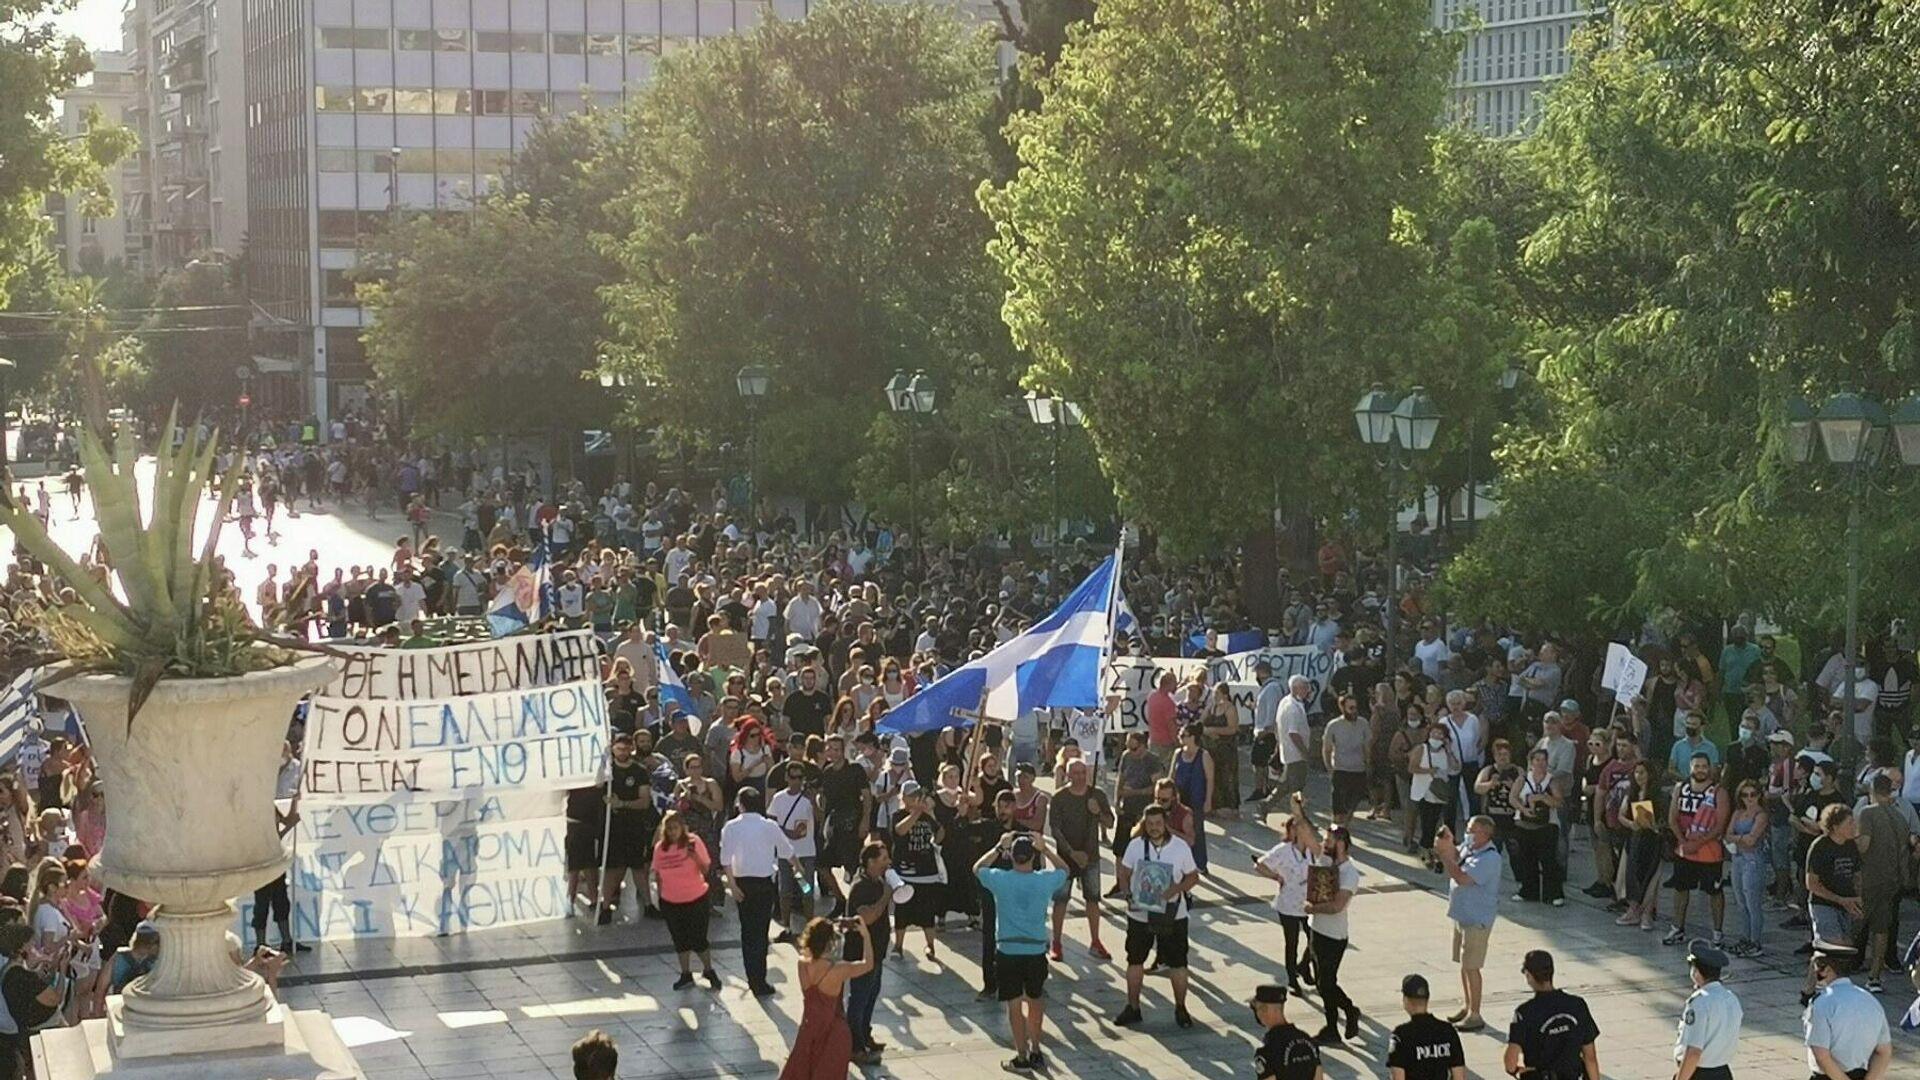 Διαμαρτυρία στην Αθήνα από αντιεμβολιαστές - Sputnik Ελλάδα, 1920, 22.09.2021